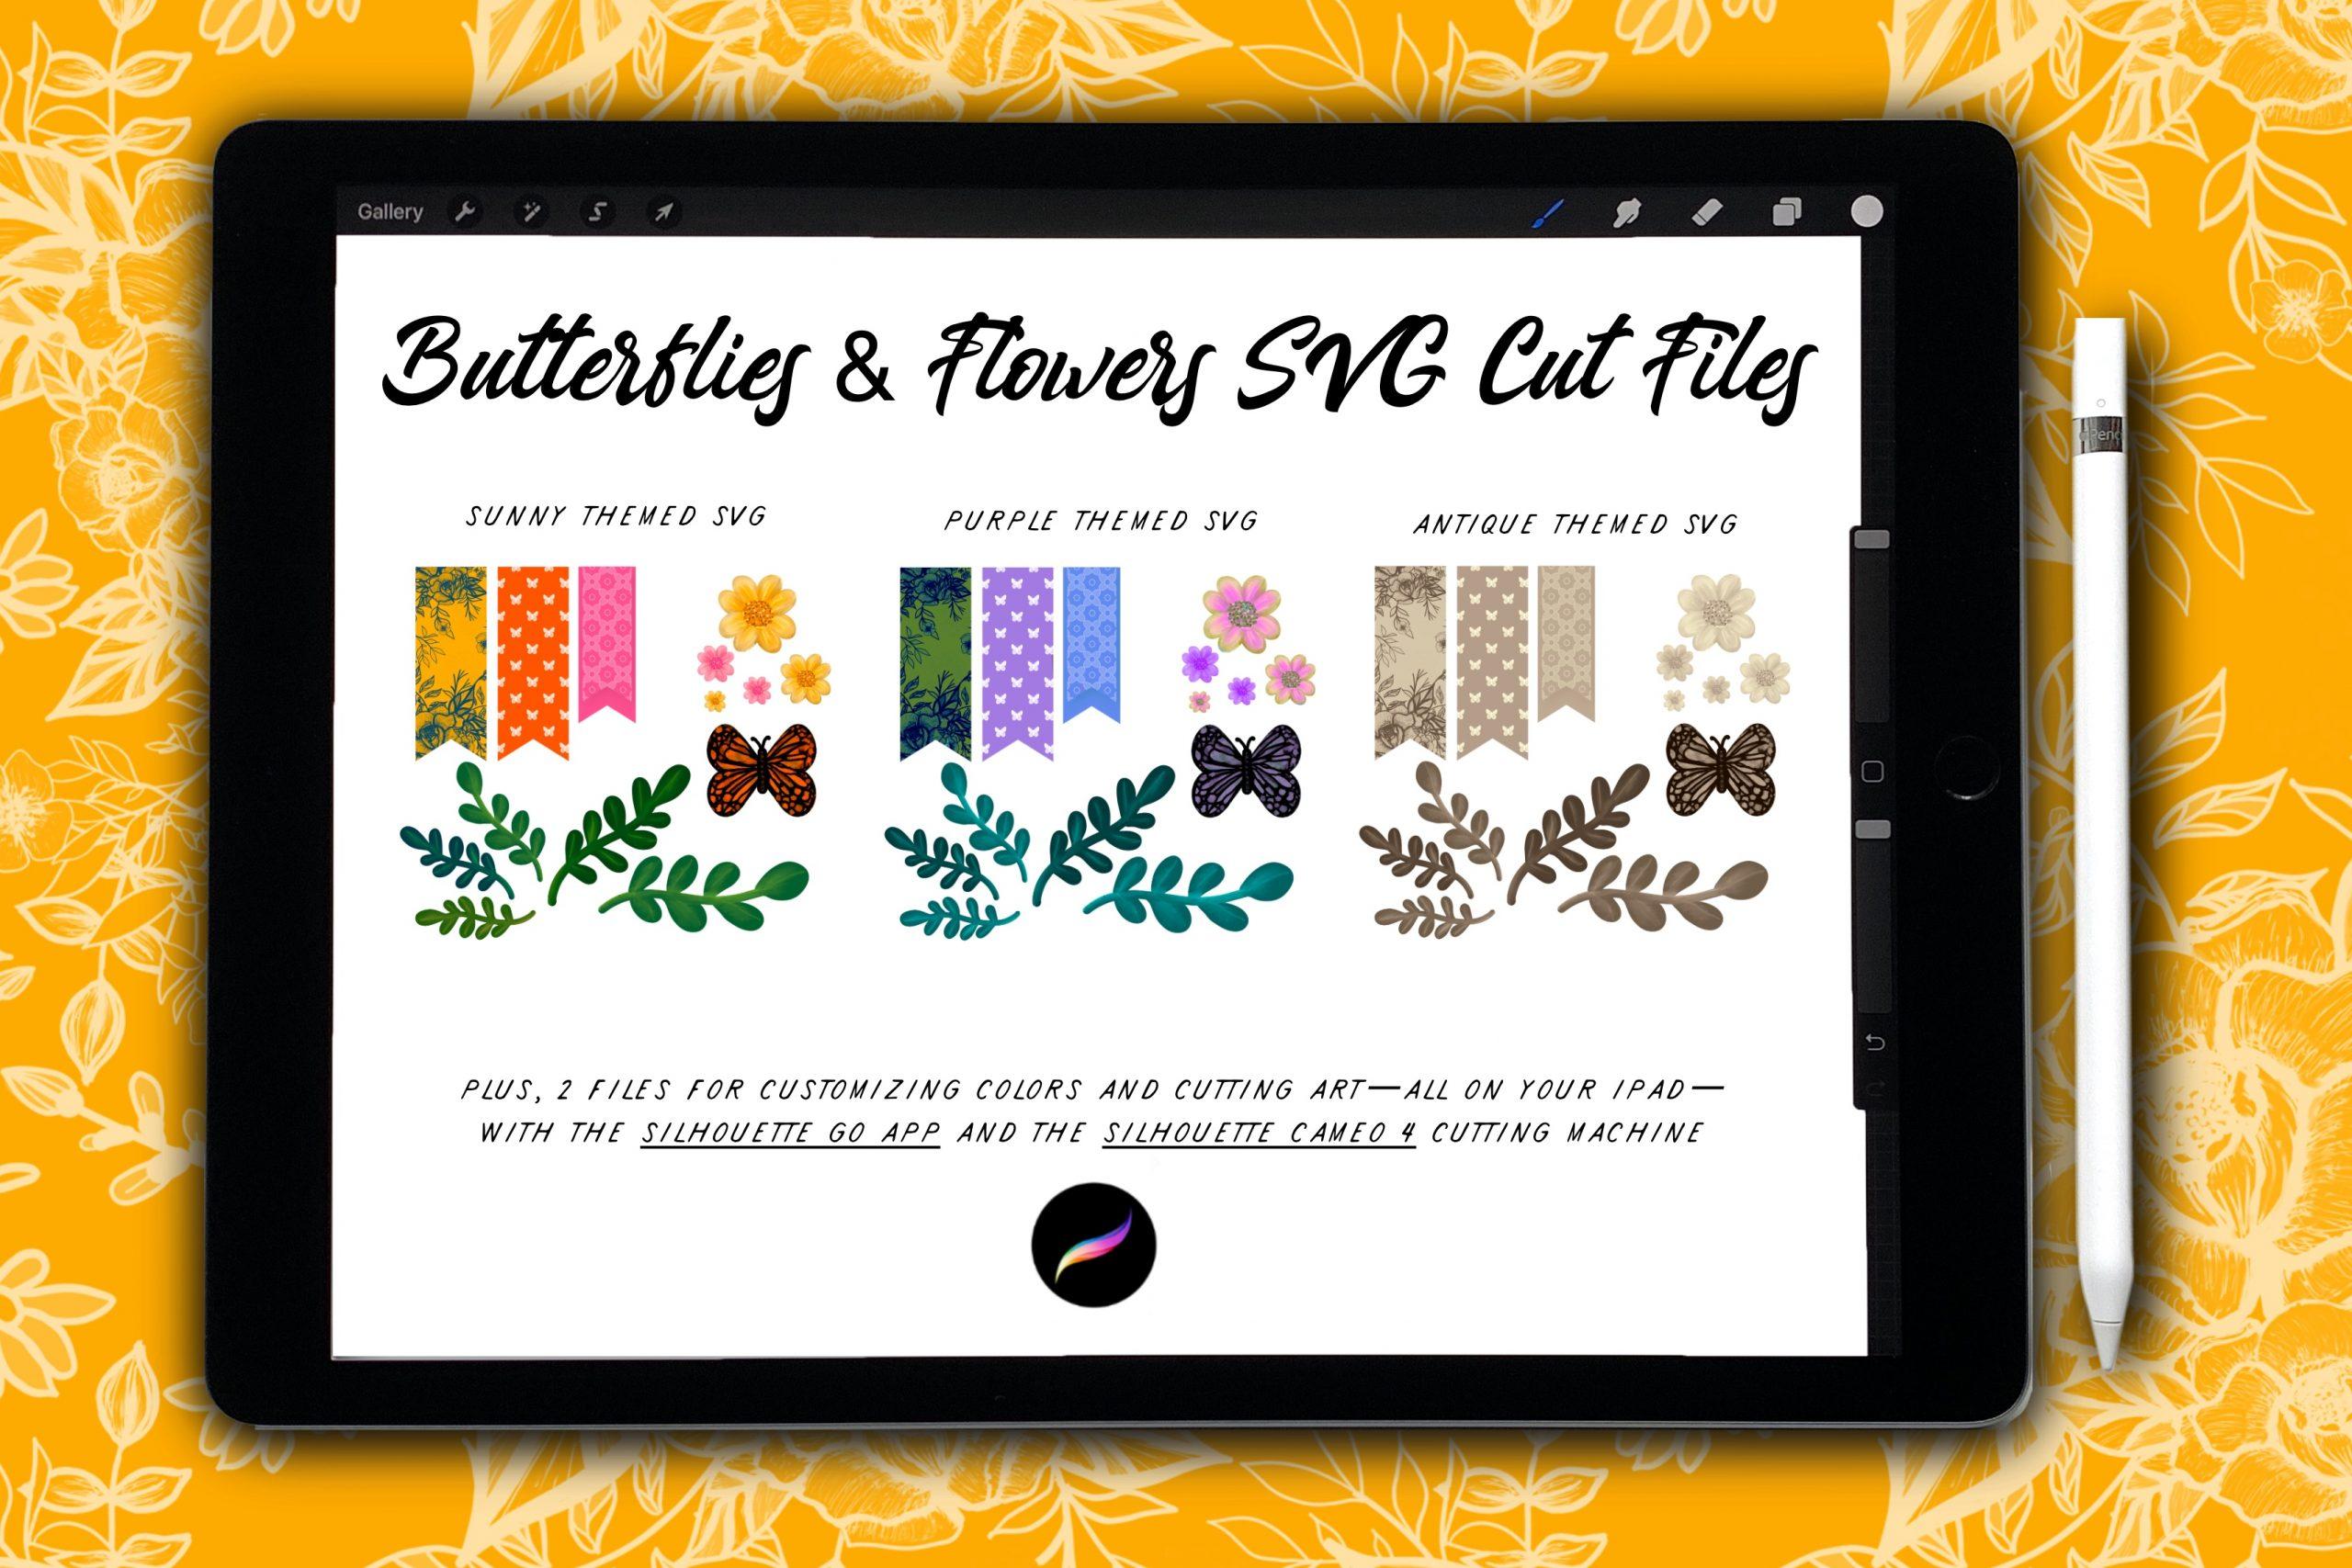 Butterflies & Flowers SVG Kit